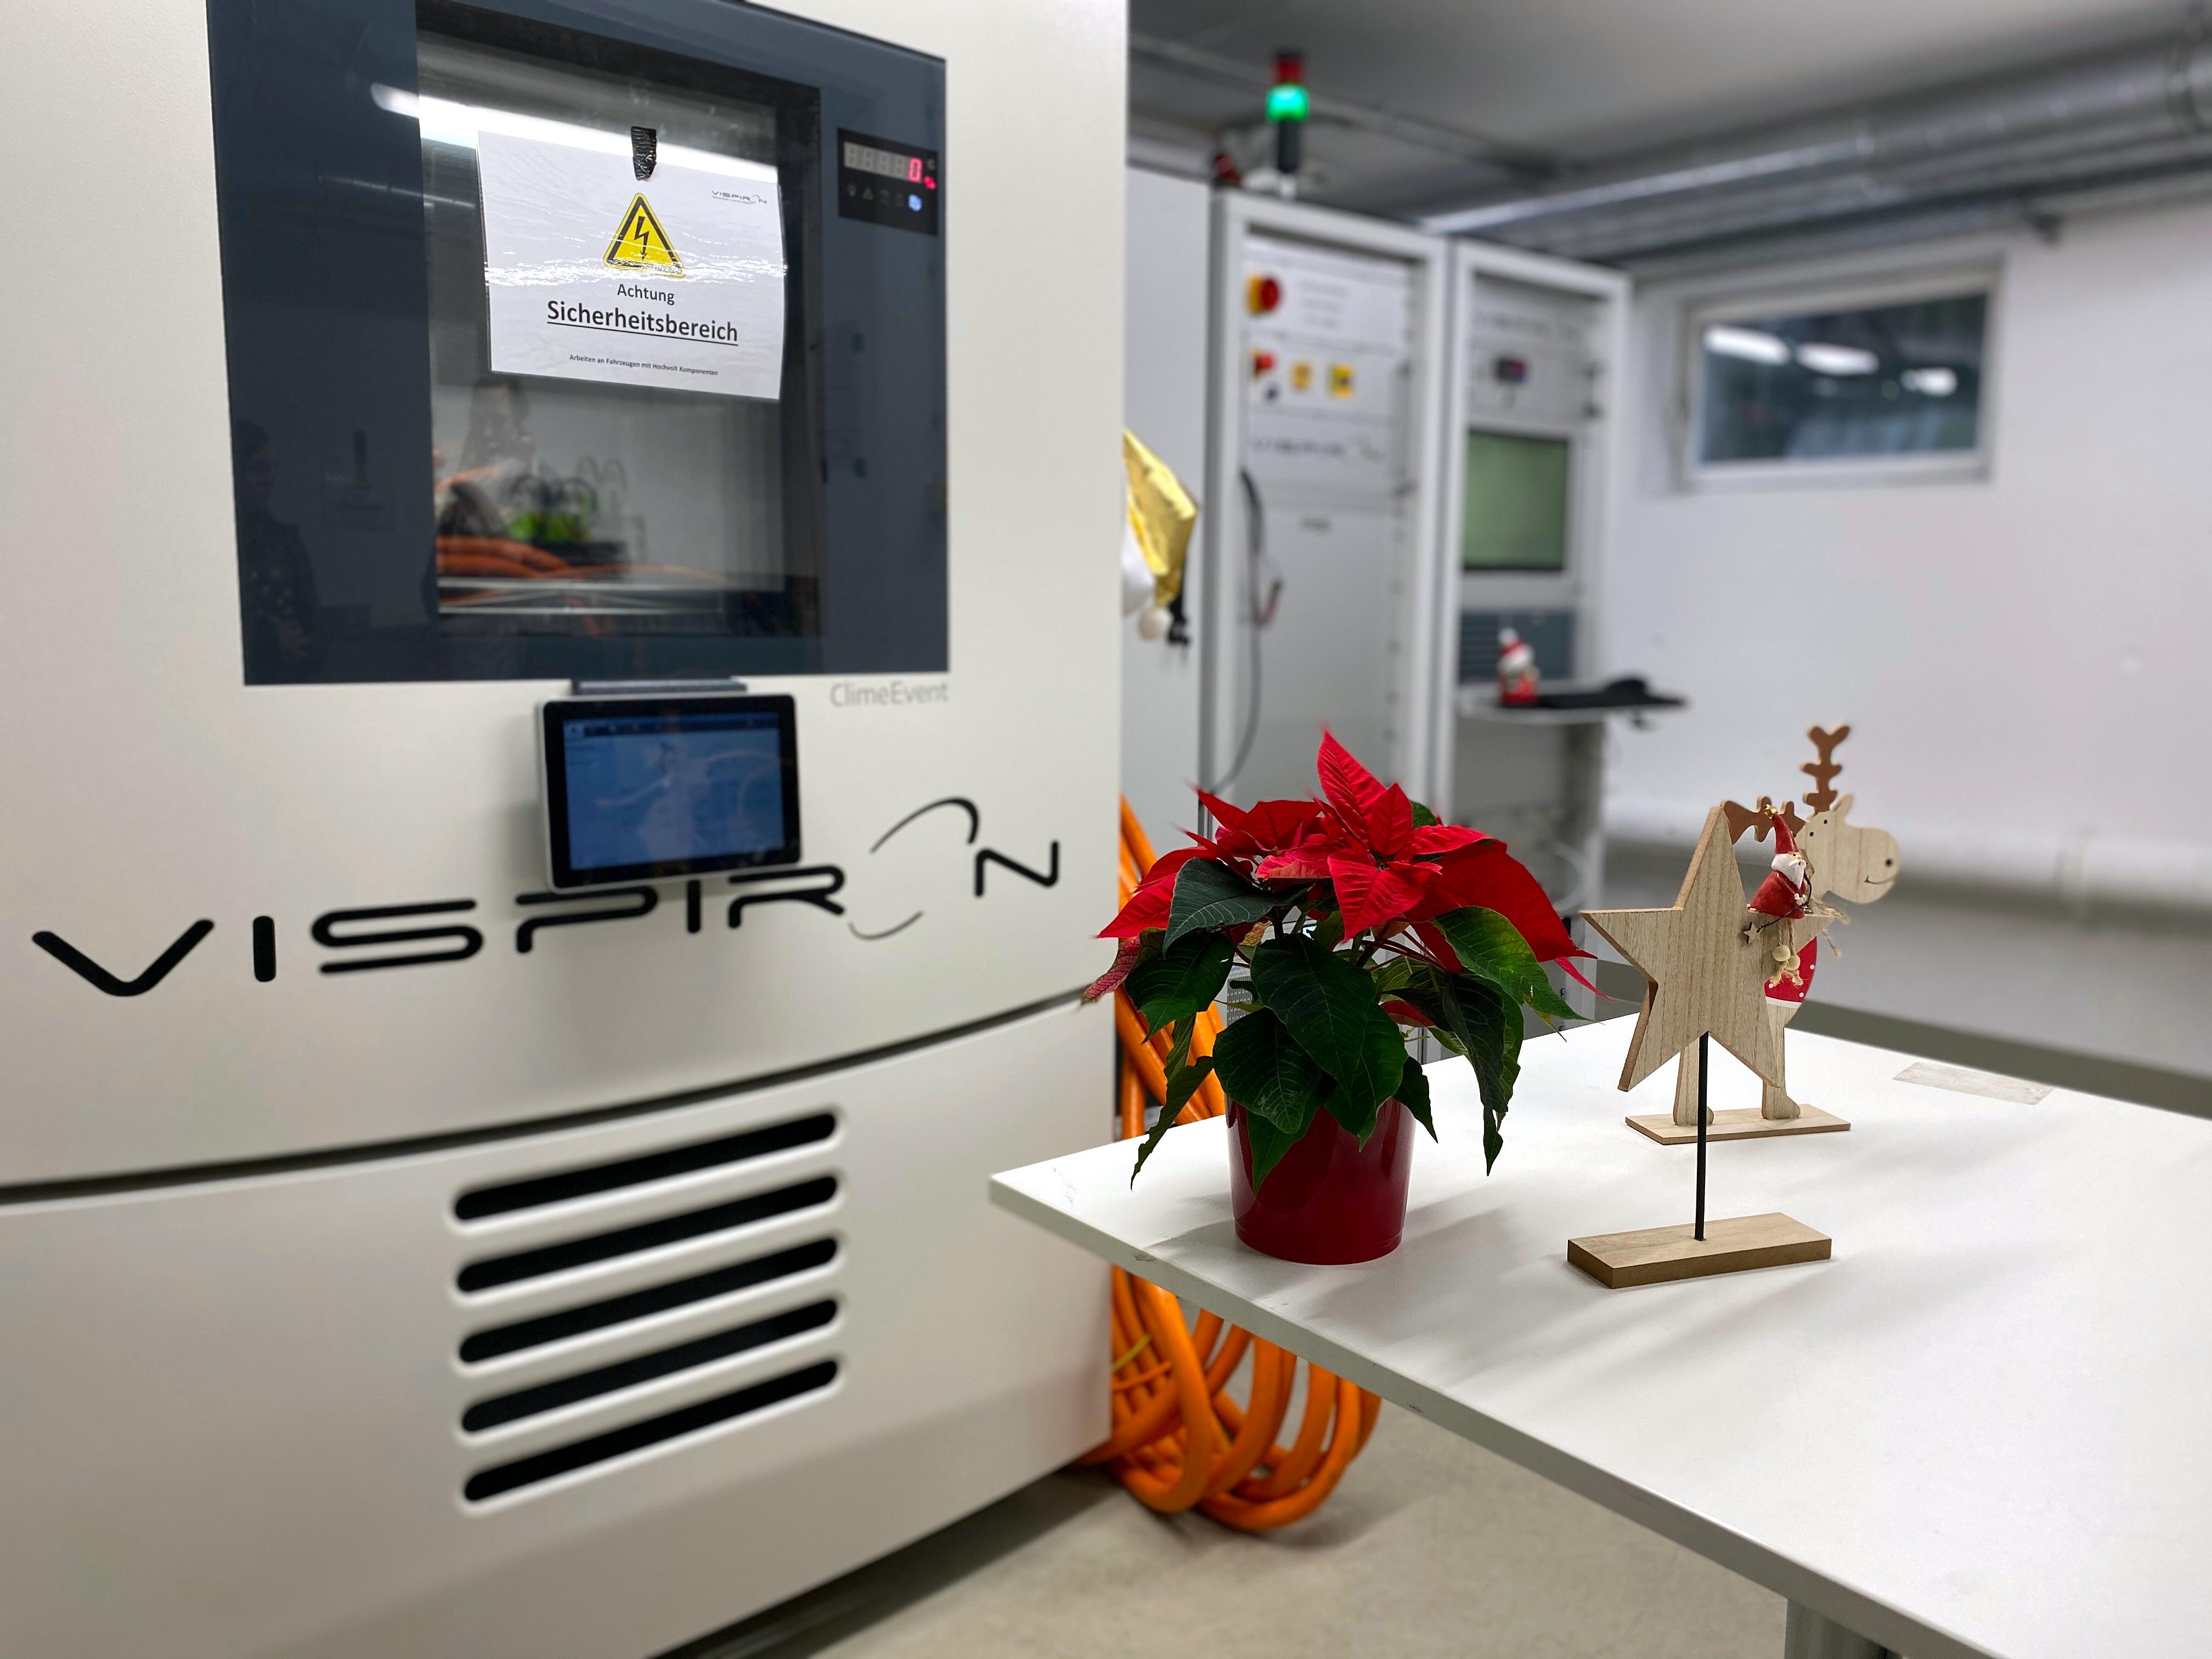 Weihnachten im VISPIRON Prüflabor für Leistungselektronik